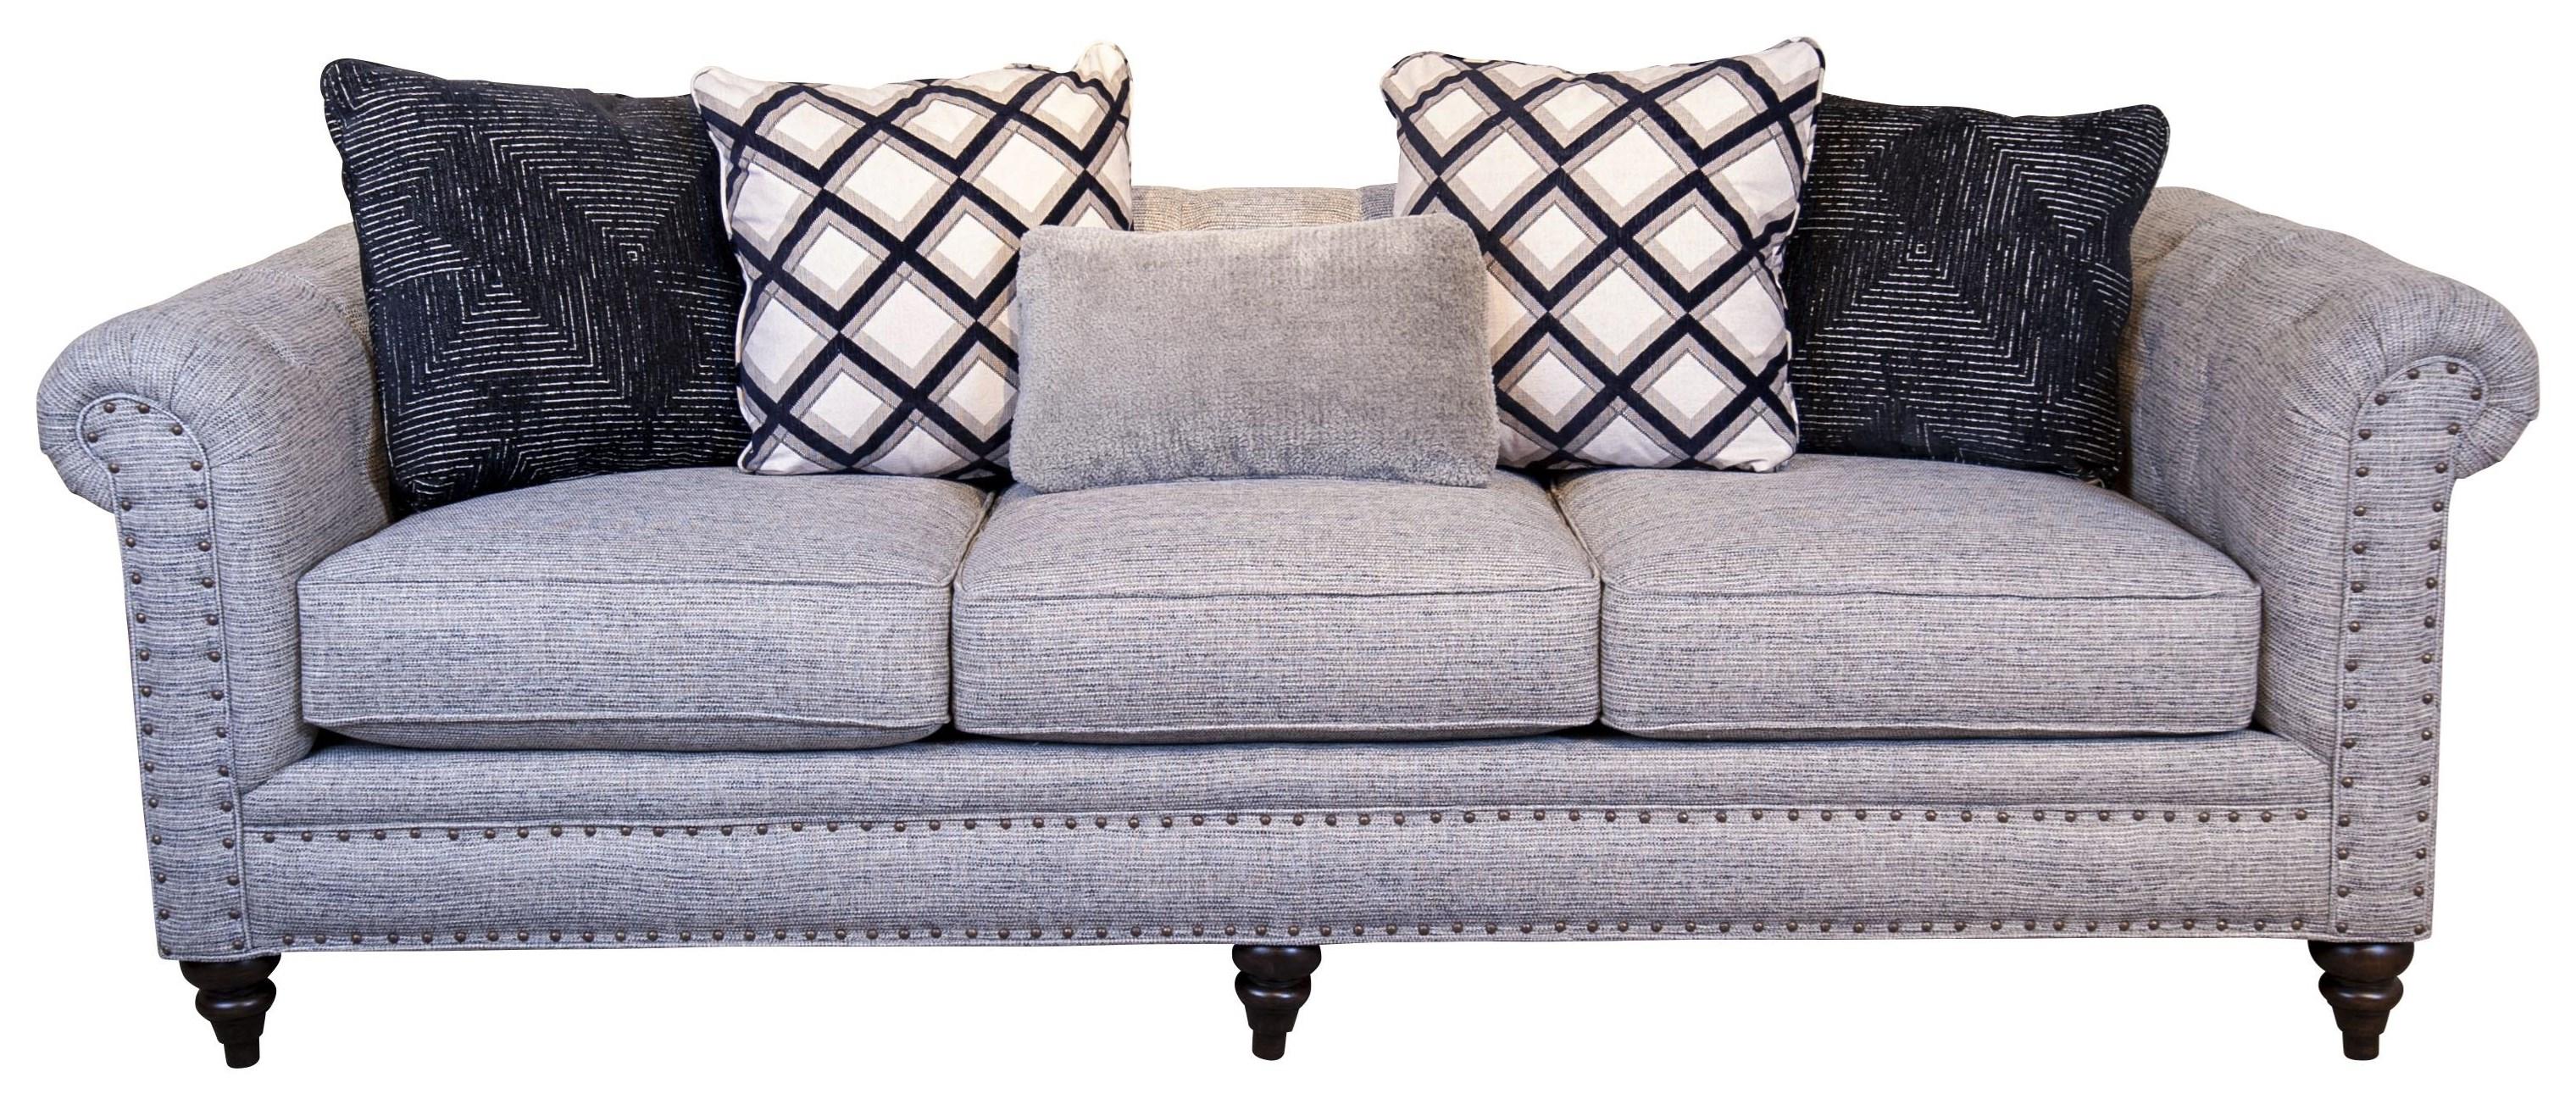 Humphrey Humphrey Long Sofa by Craftmaster at Morris Home